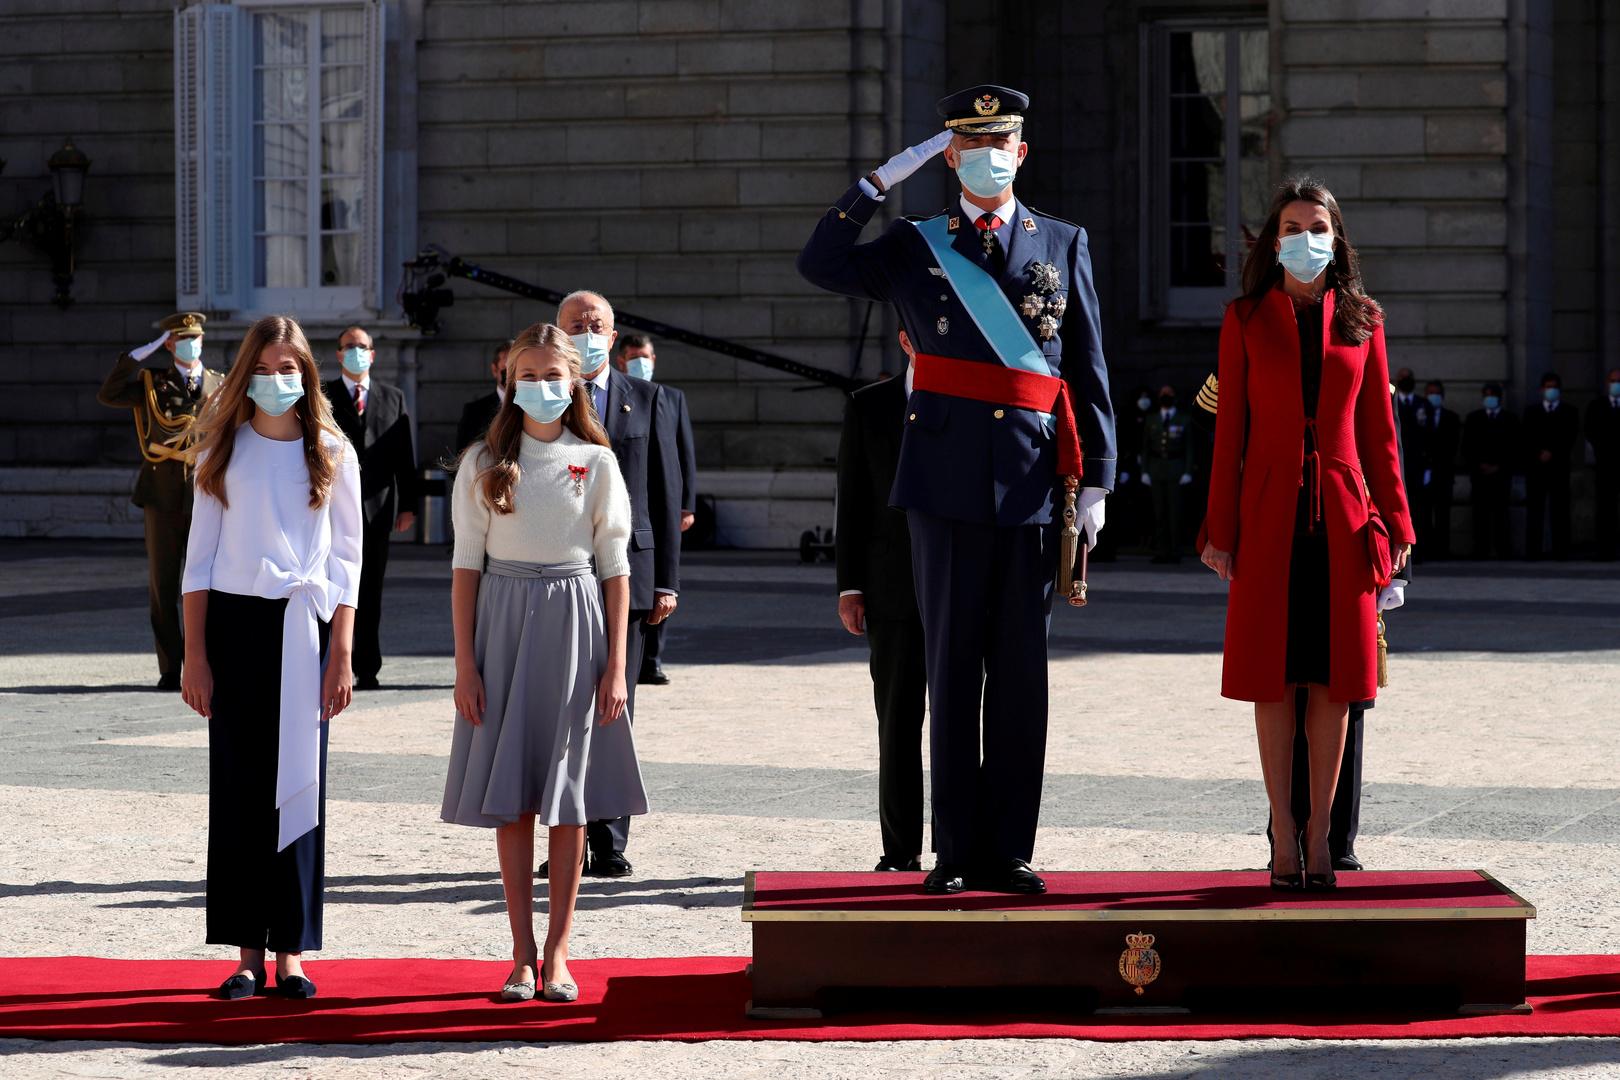 ملك إسبانيا فيليبي وأسرته في العيد الوطني 12 أكتوبر 2020.